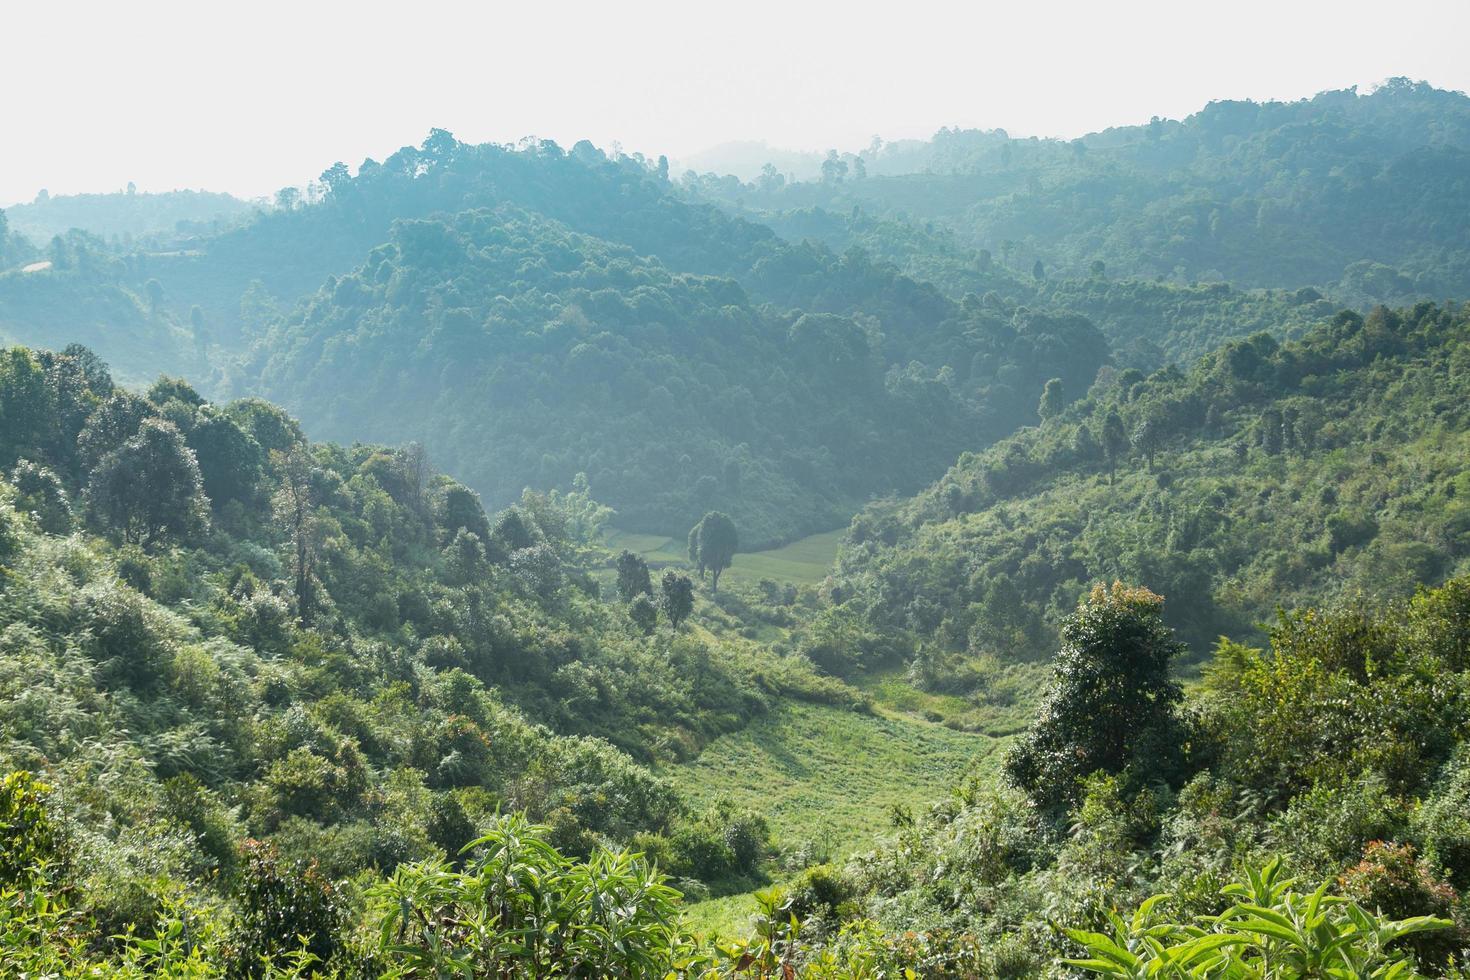 Himmel, Wald und Berge in Thailand foto